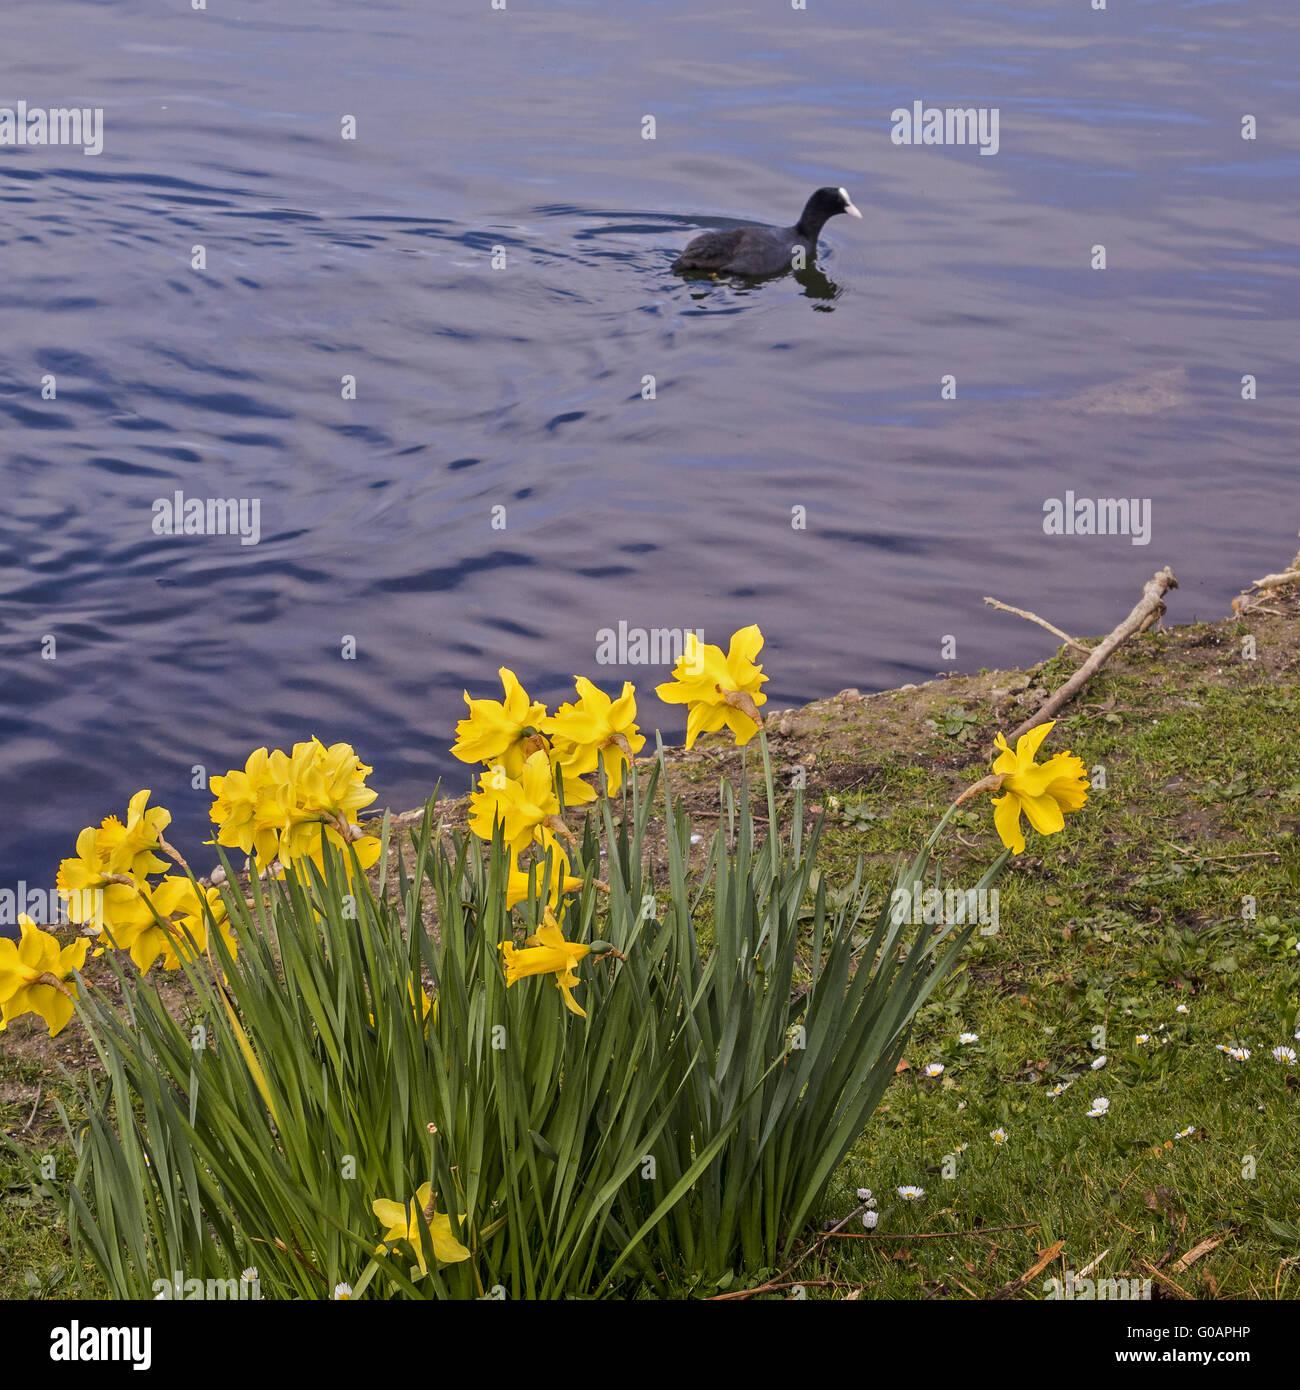 Coot Swimming Passed The Daffodils Caversham Readi - Stock Image